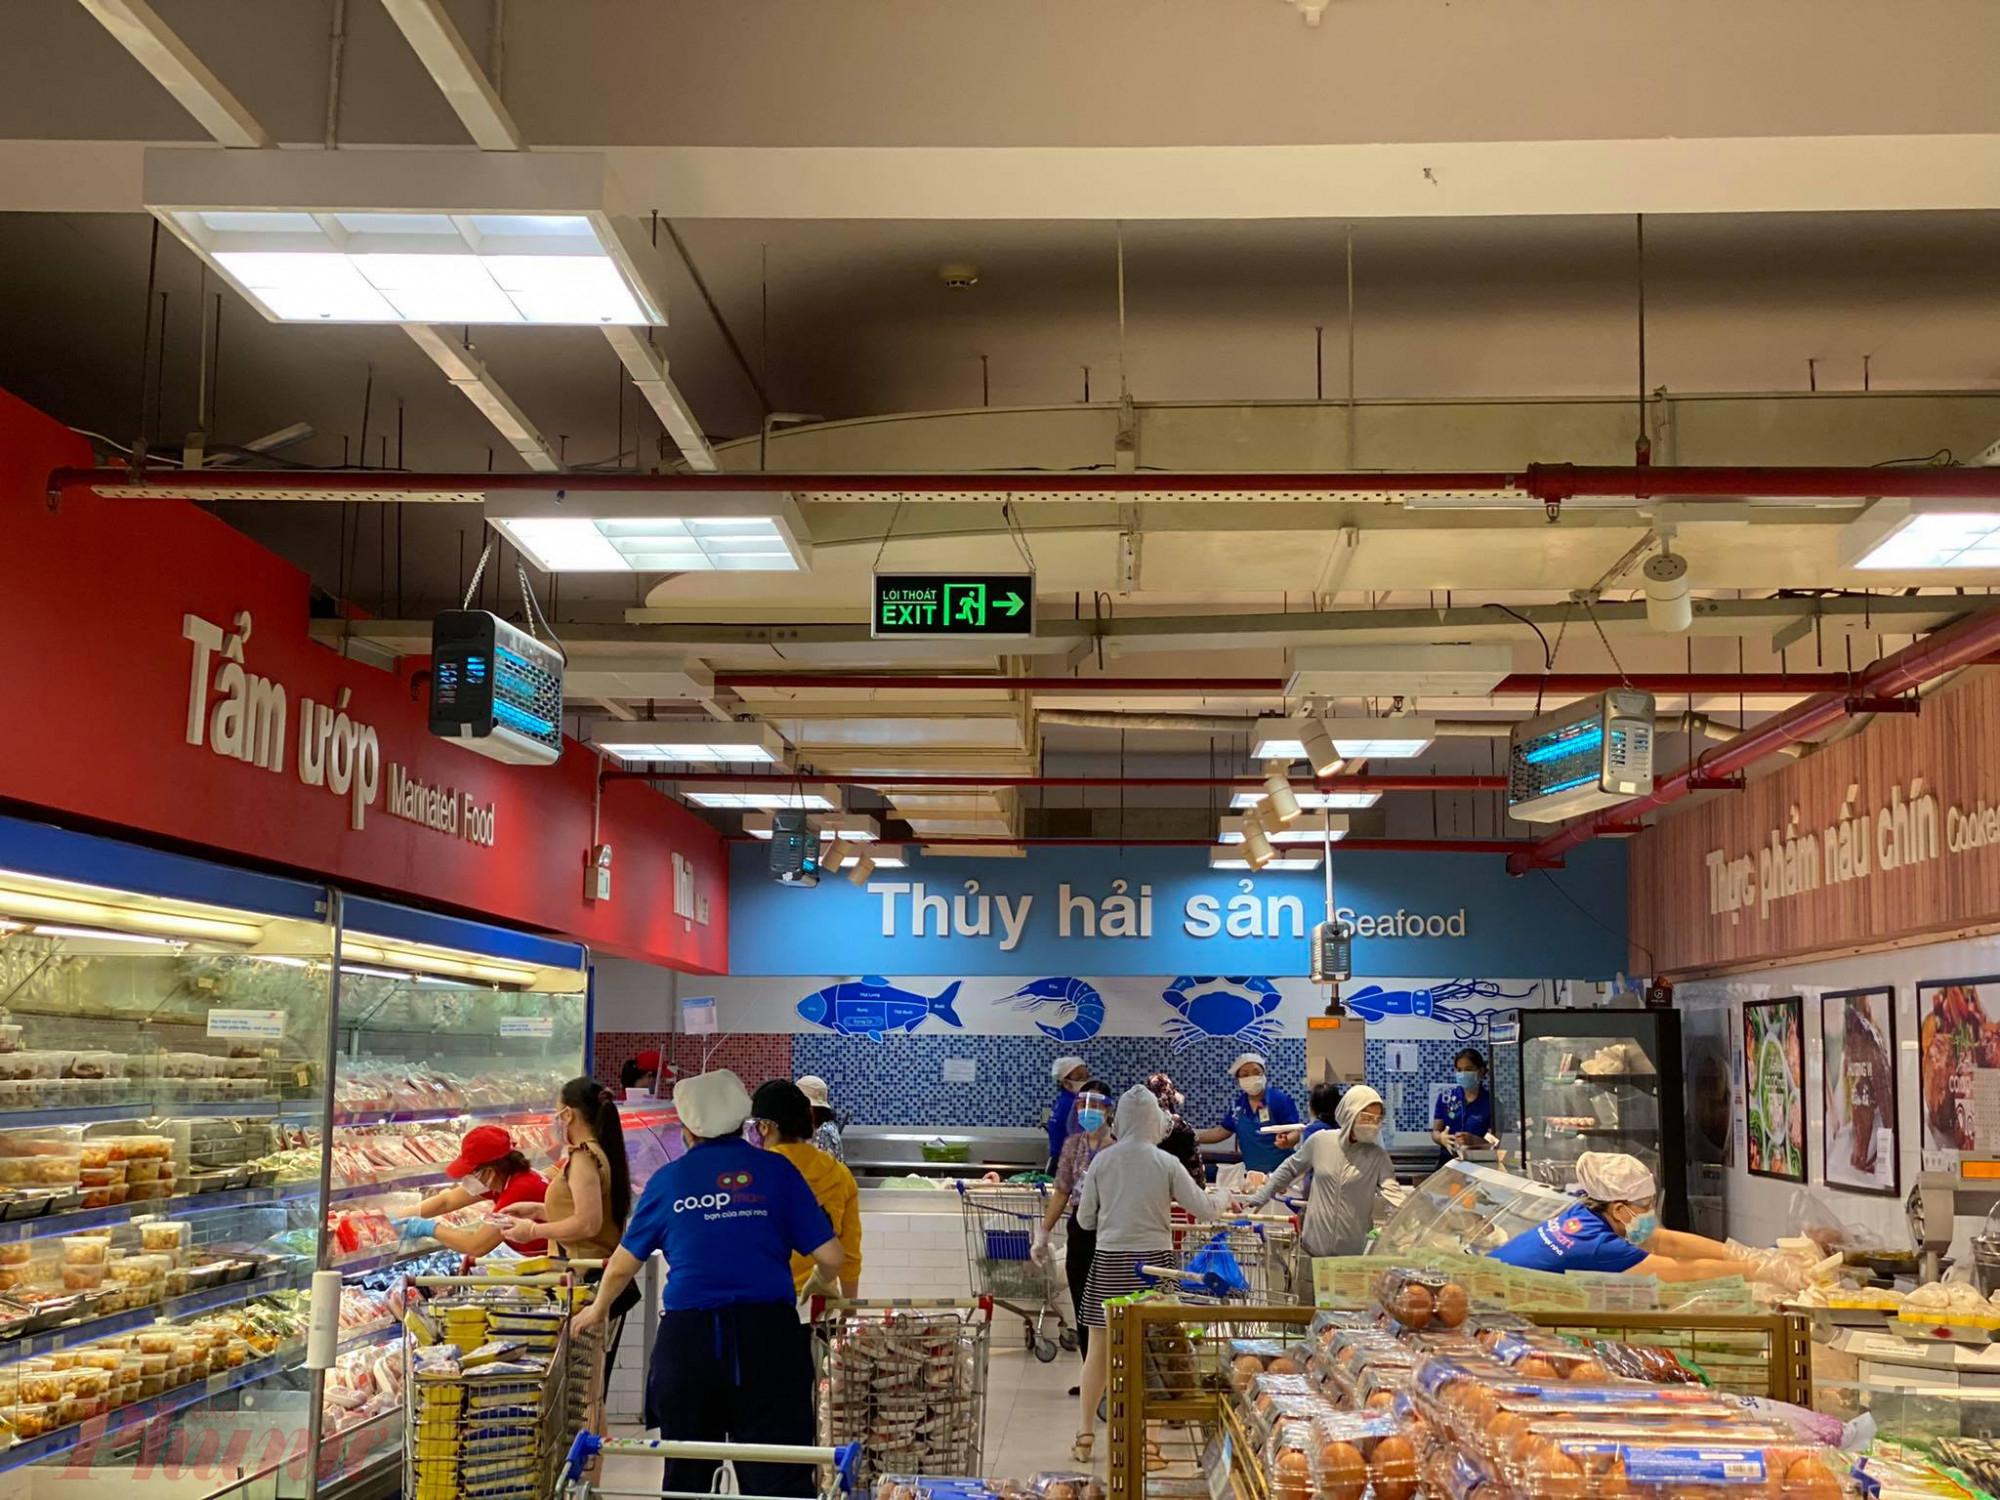 Tại siêu thị Co.op Mart Rạch Miễu (Phú Nhuận), lượng khách mua sắm đông hơn, đặc biệt là tại các quầy thực phẩm tươi sống